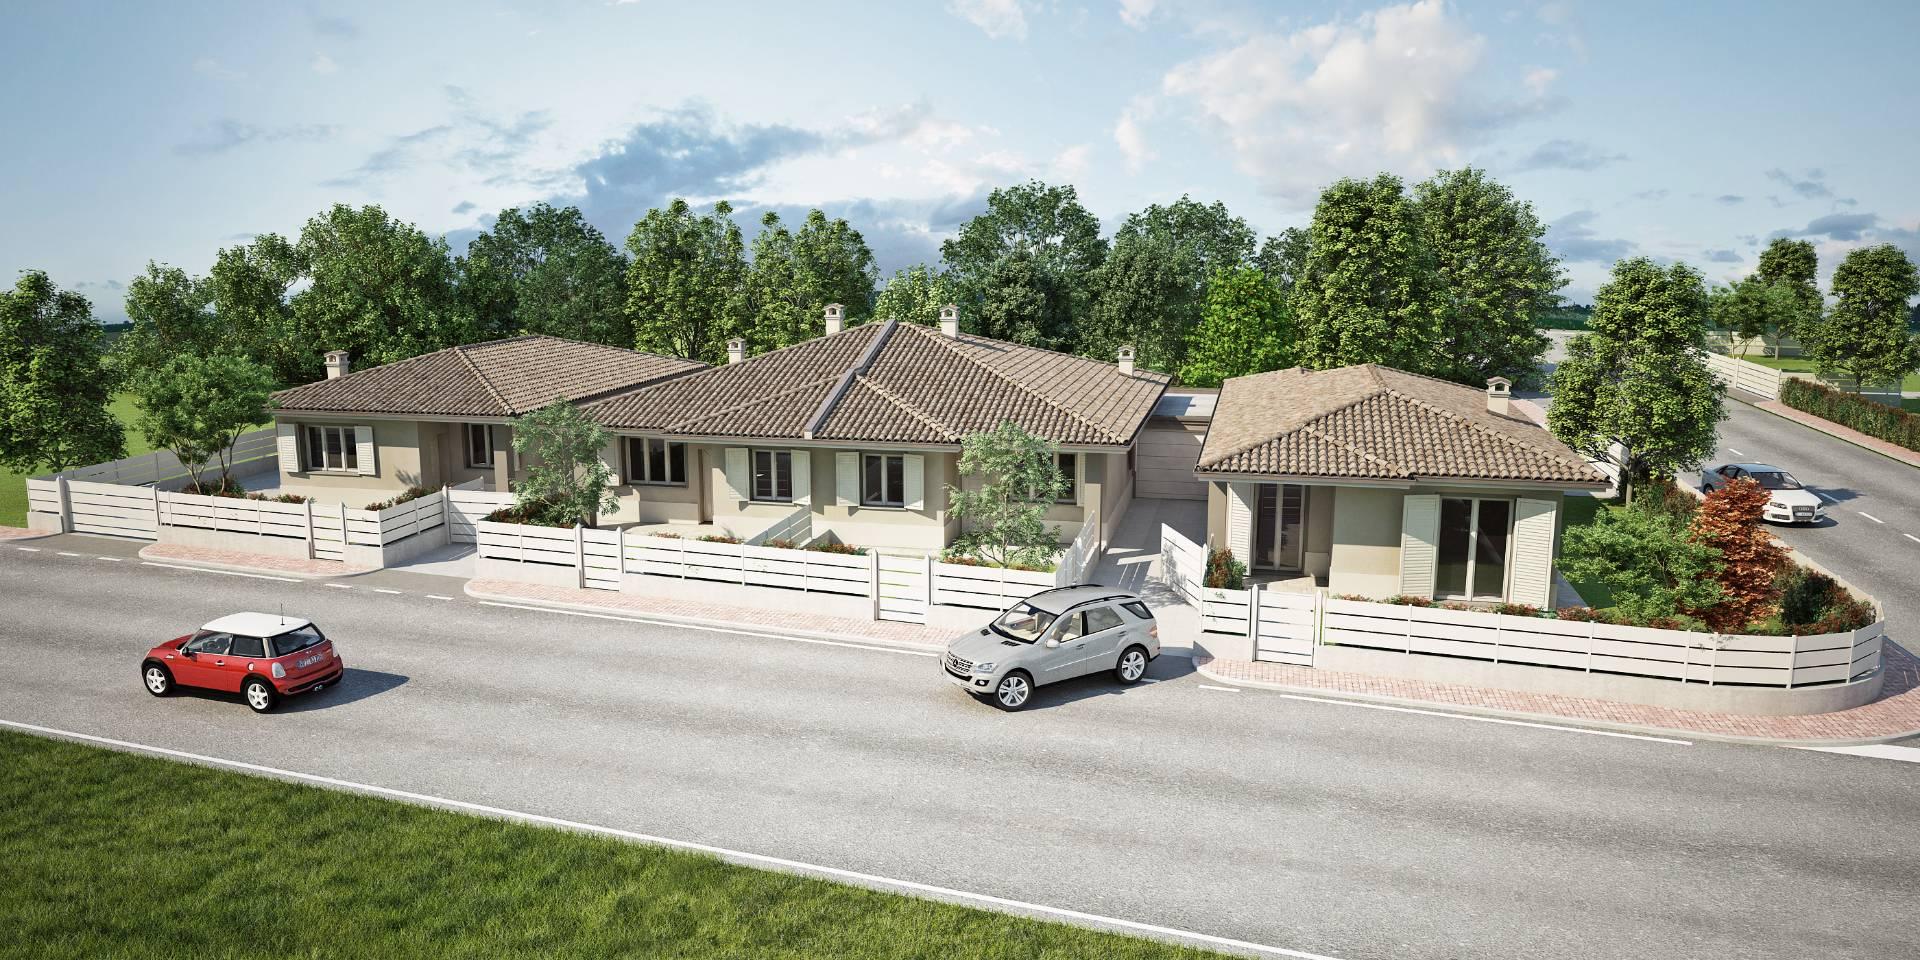 Villa in vendita a Bressana Bottarone, 3 locali, prezzo € 187.000 | CambioCasa.it